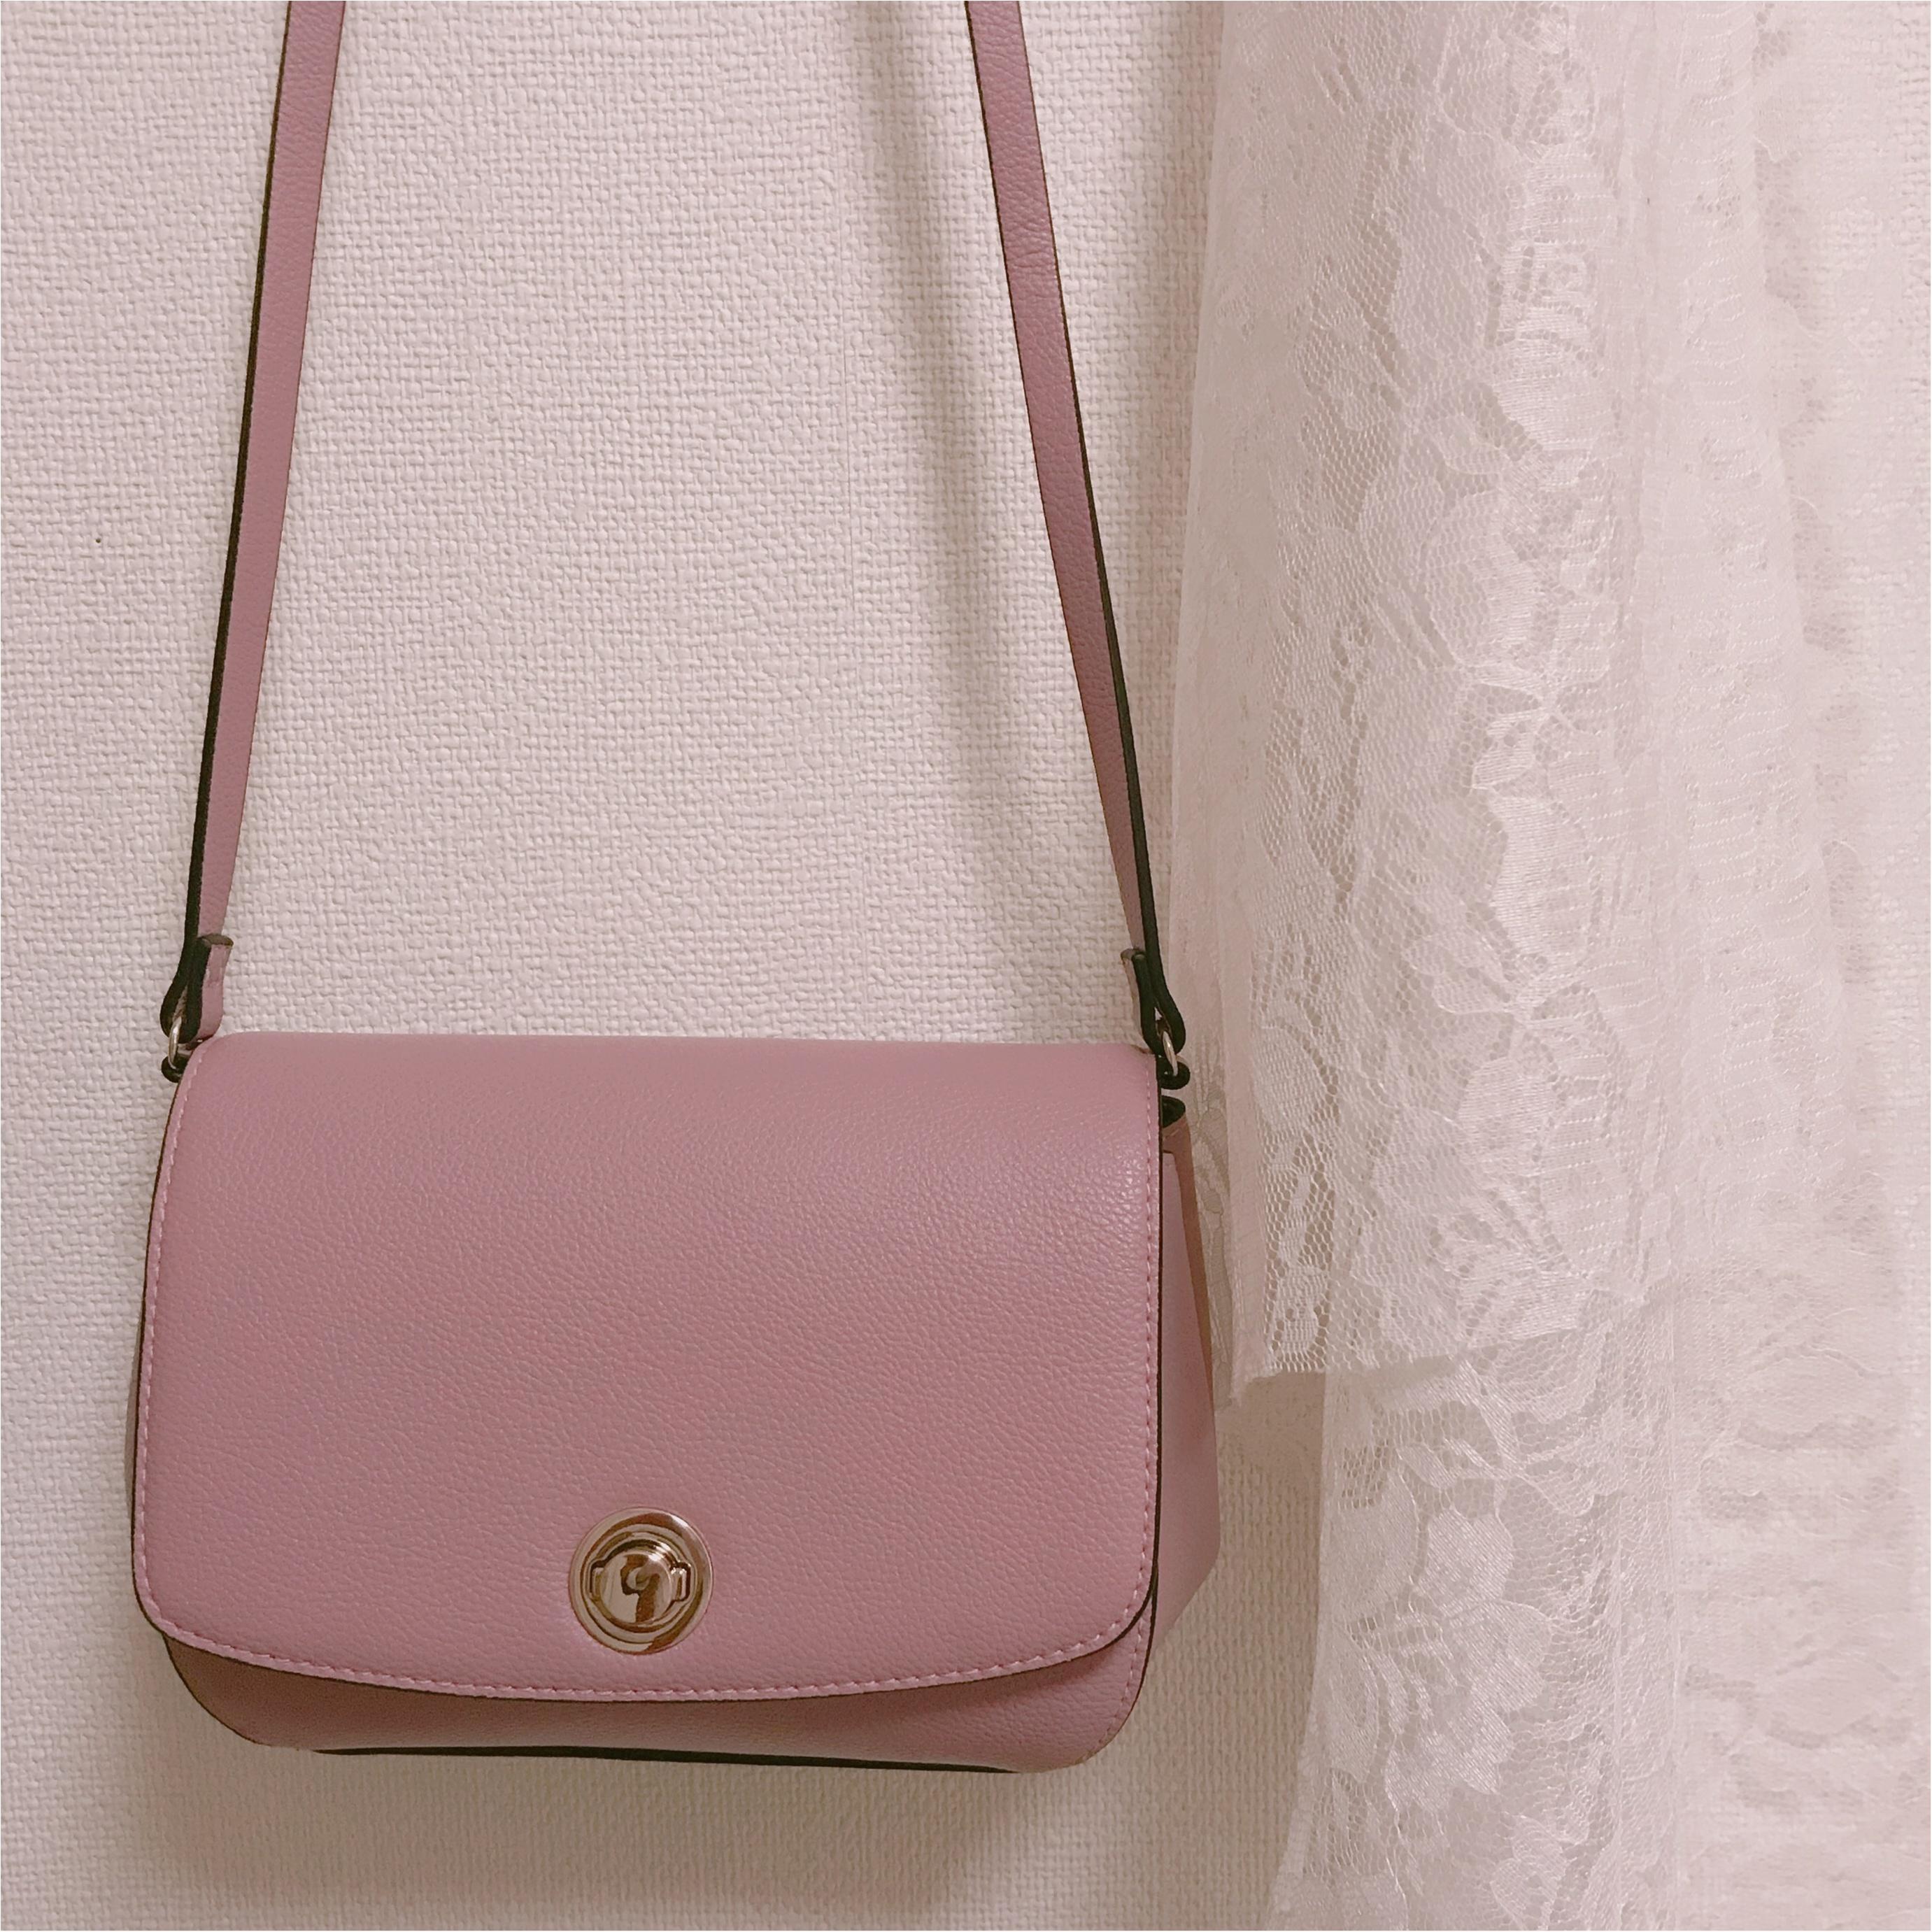 【H&M】ショルダーバッグが2000円以下❤︎プチプラなら挑戦しやすいアクセントカラーがおすすめ!_5